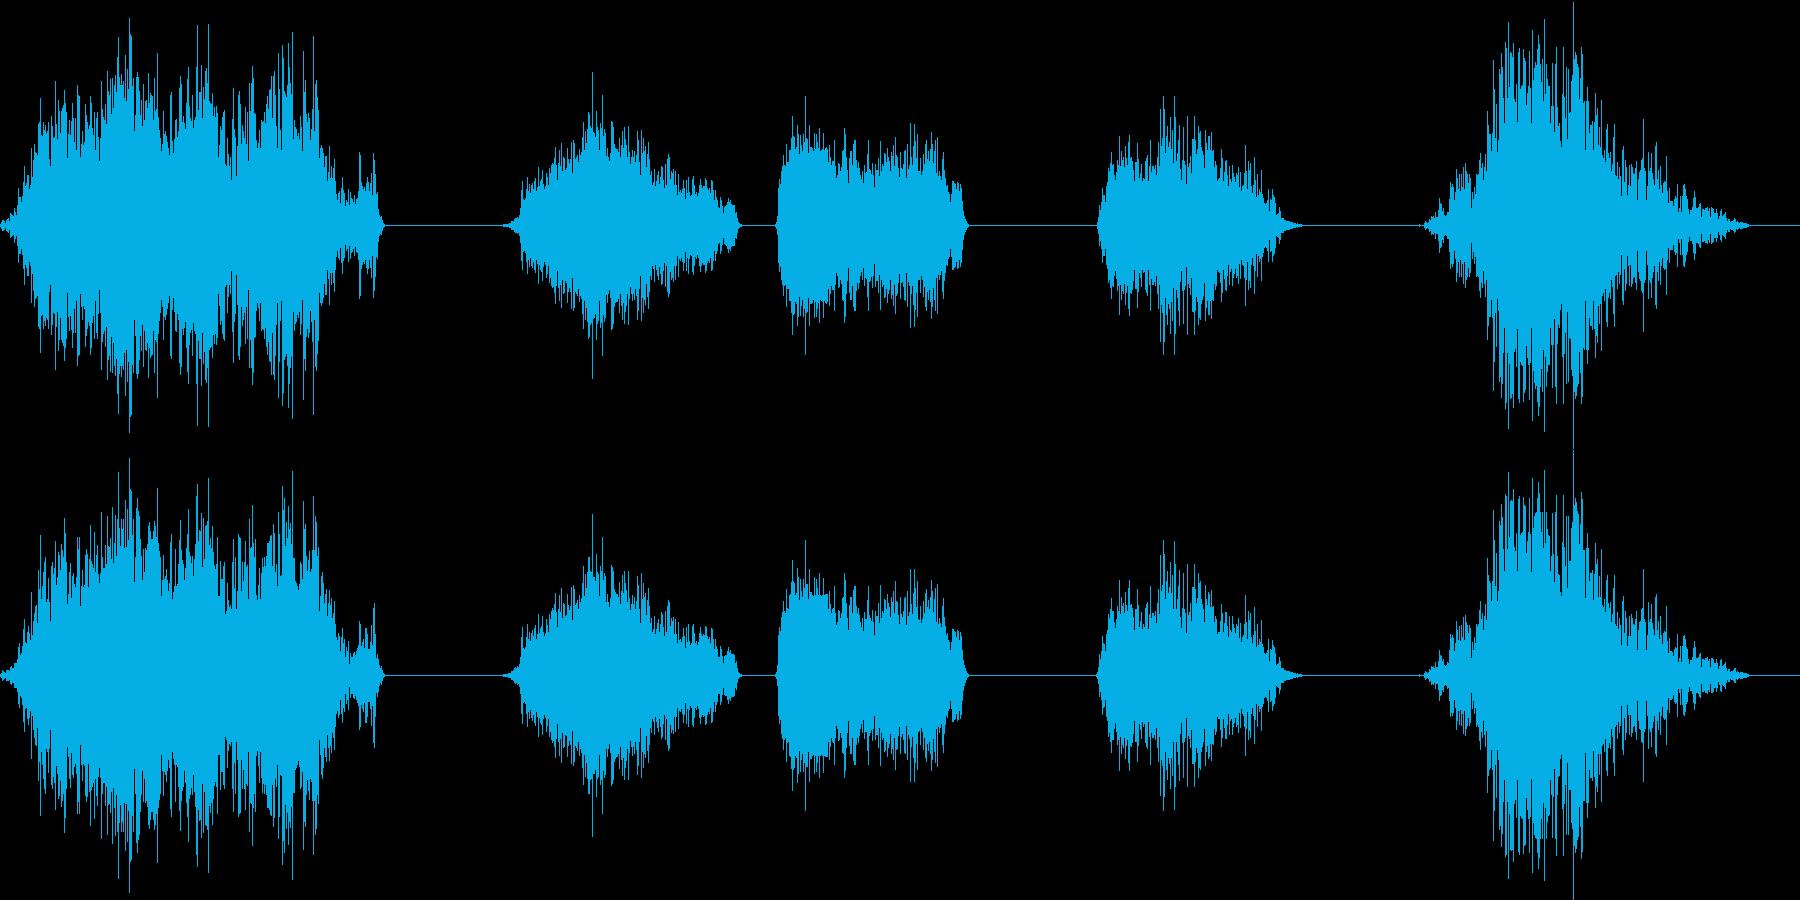 地震拡張地すべり効果、たくさんの岩...の再生済みの波形